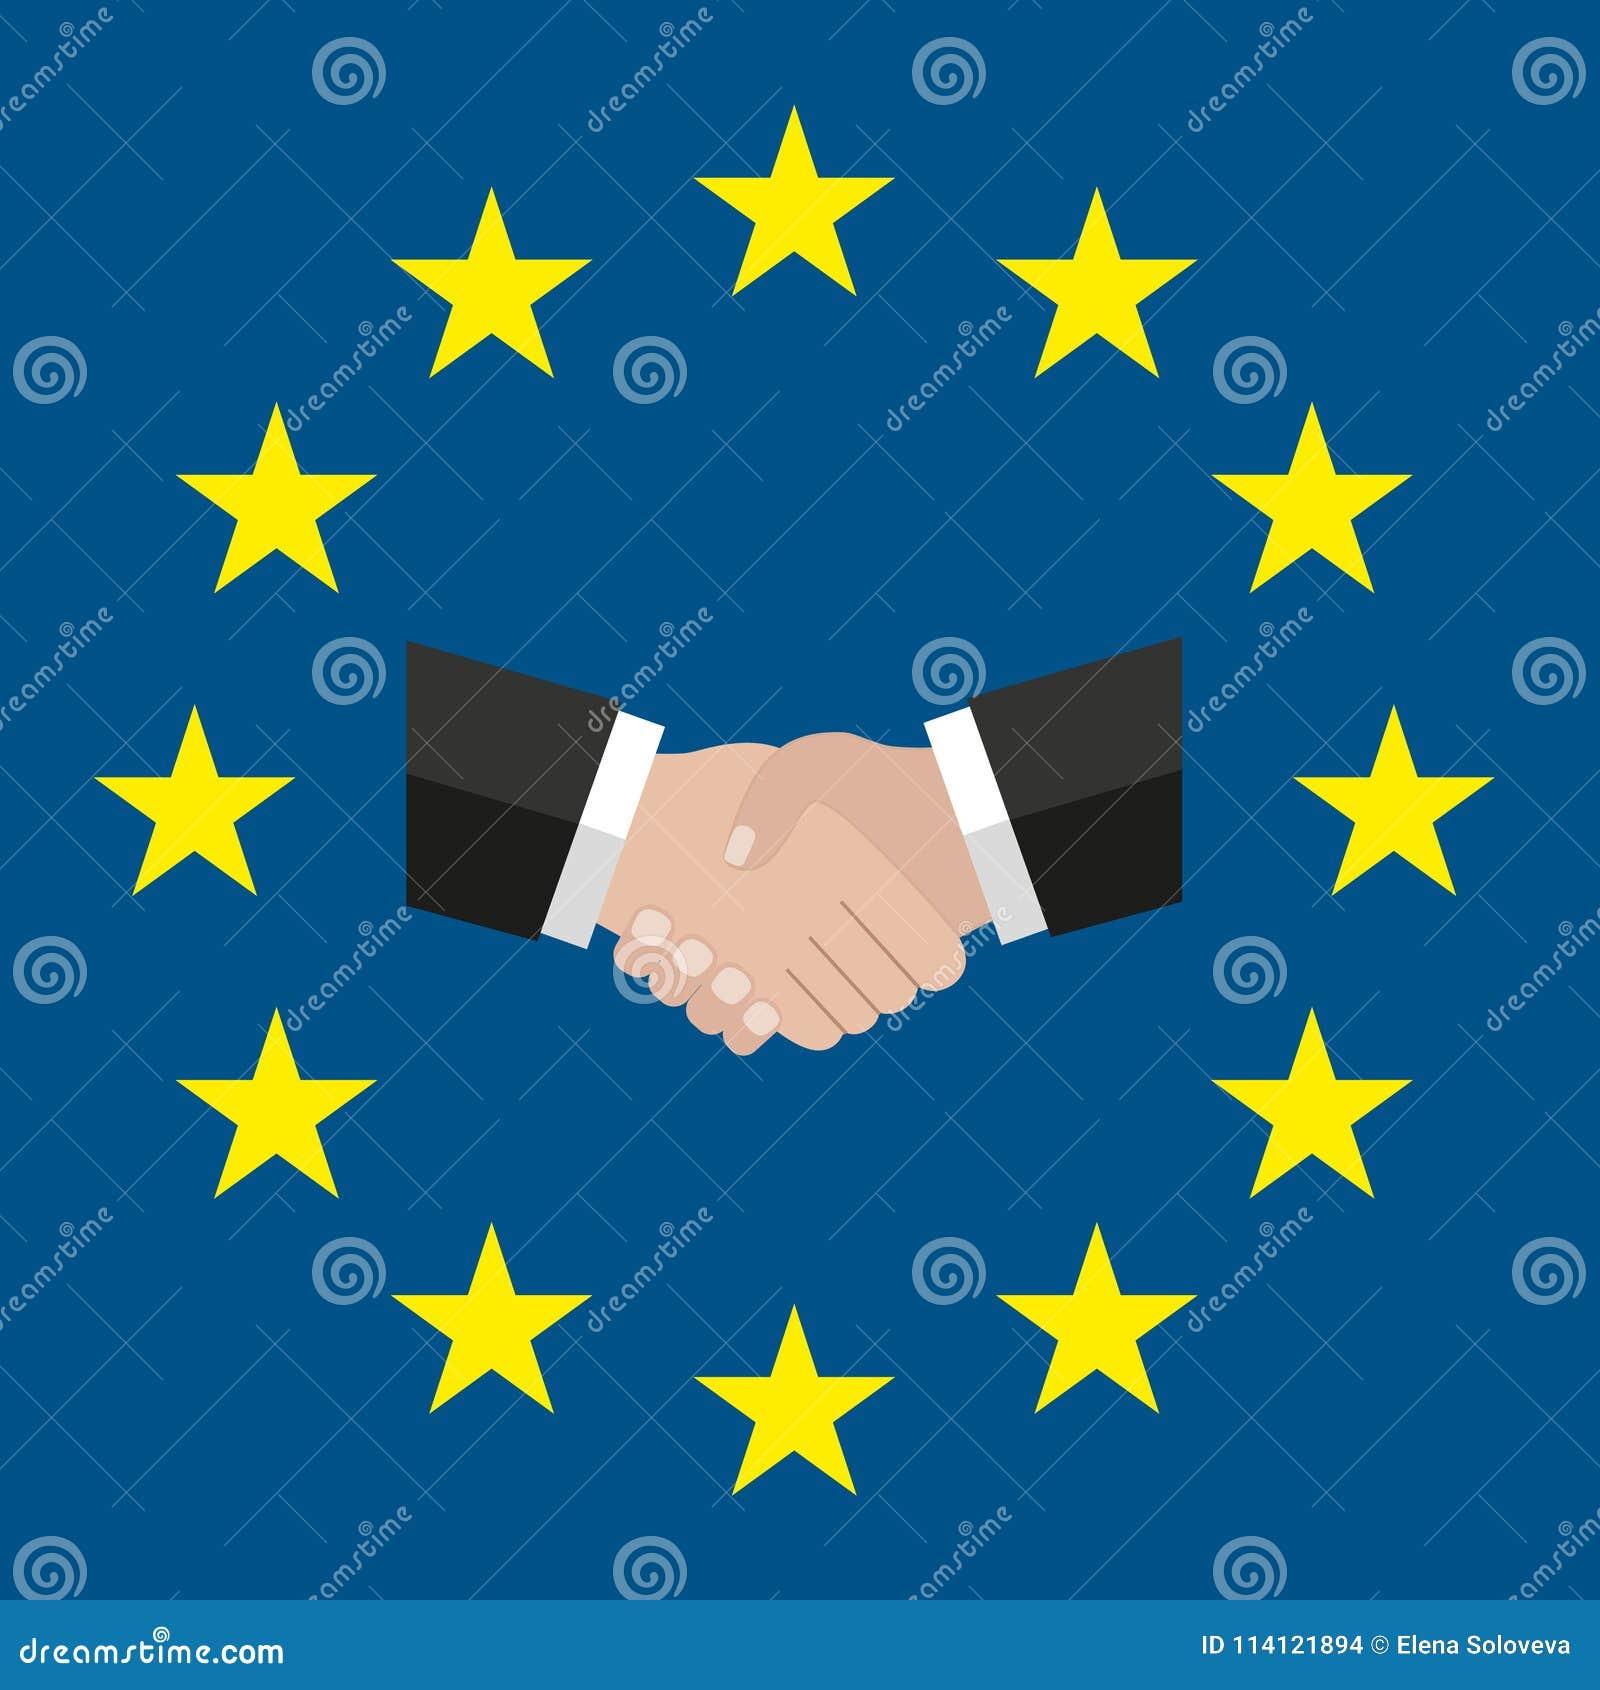 Um círculo das estrelas Estilo liso UE original e simples da bandeira de Europa Aperto de mão solução Bandeira da União Europeia